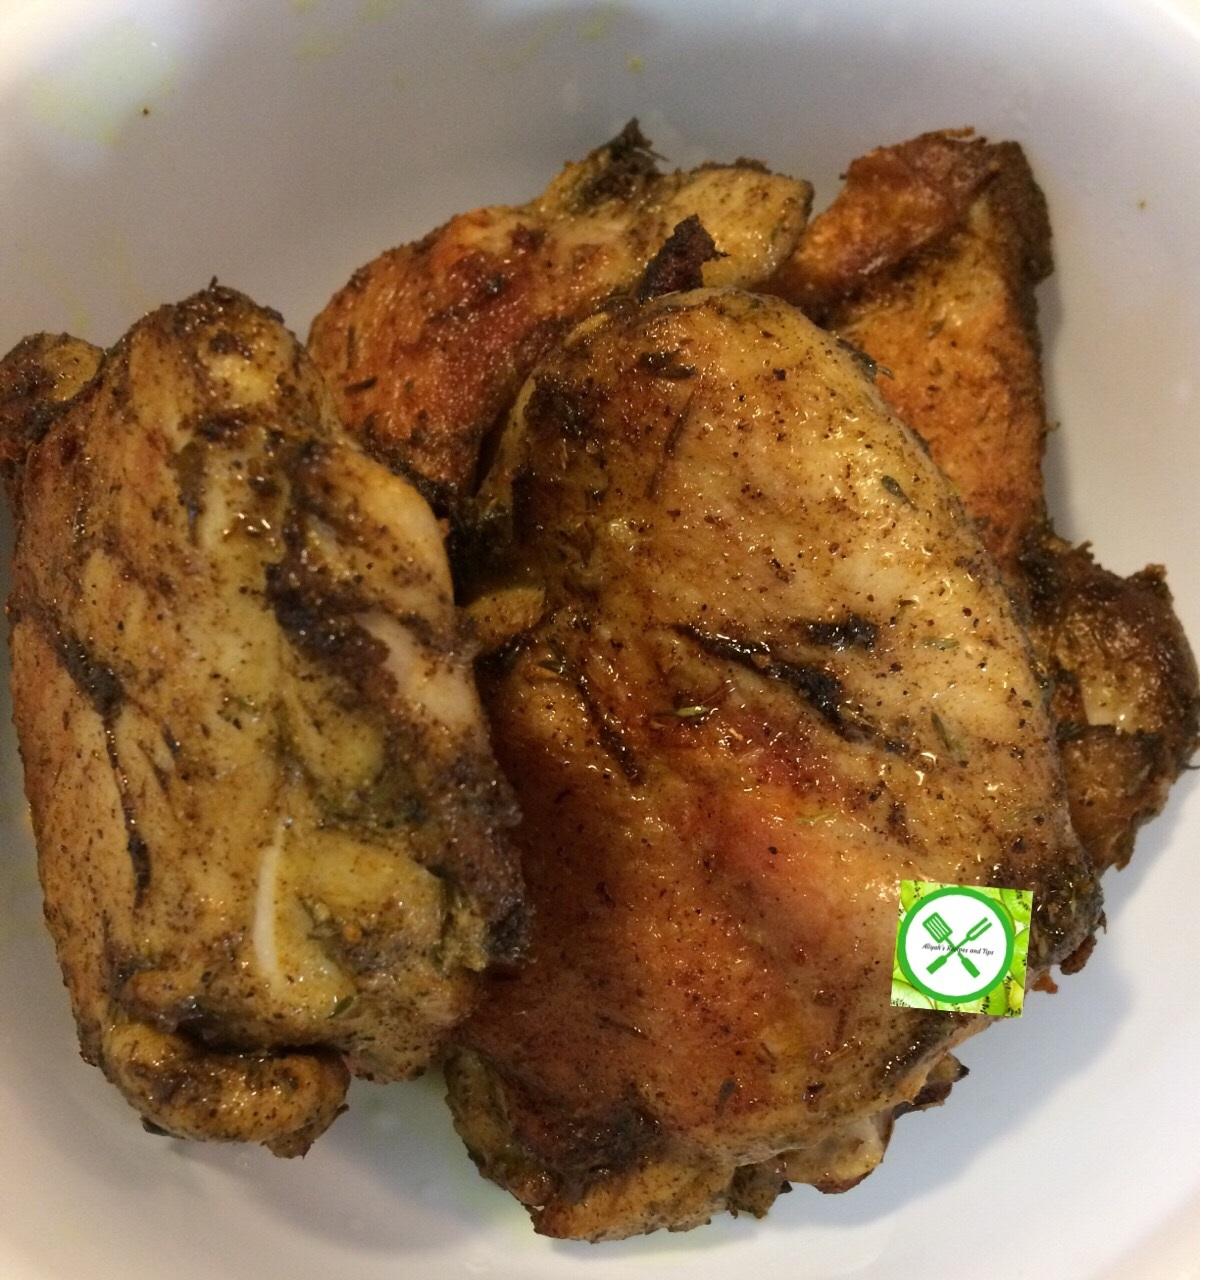 Braised chicken with veggies cooked chicken